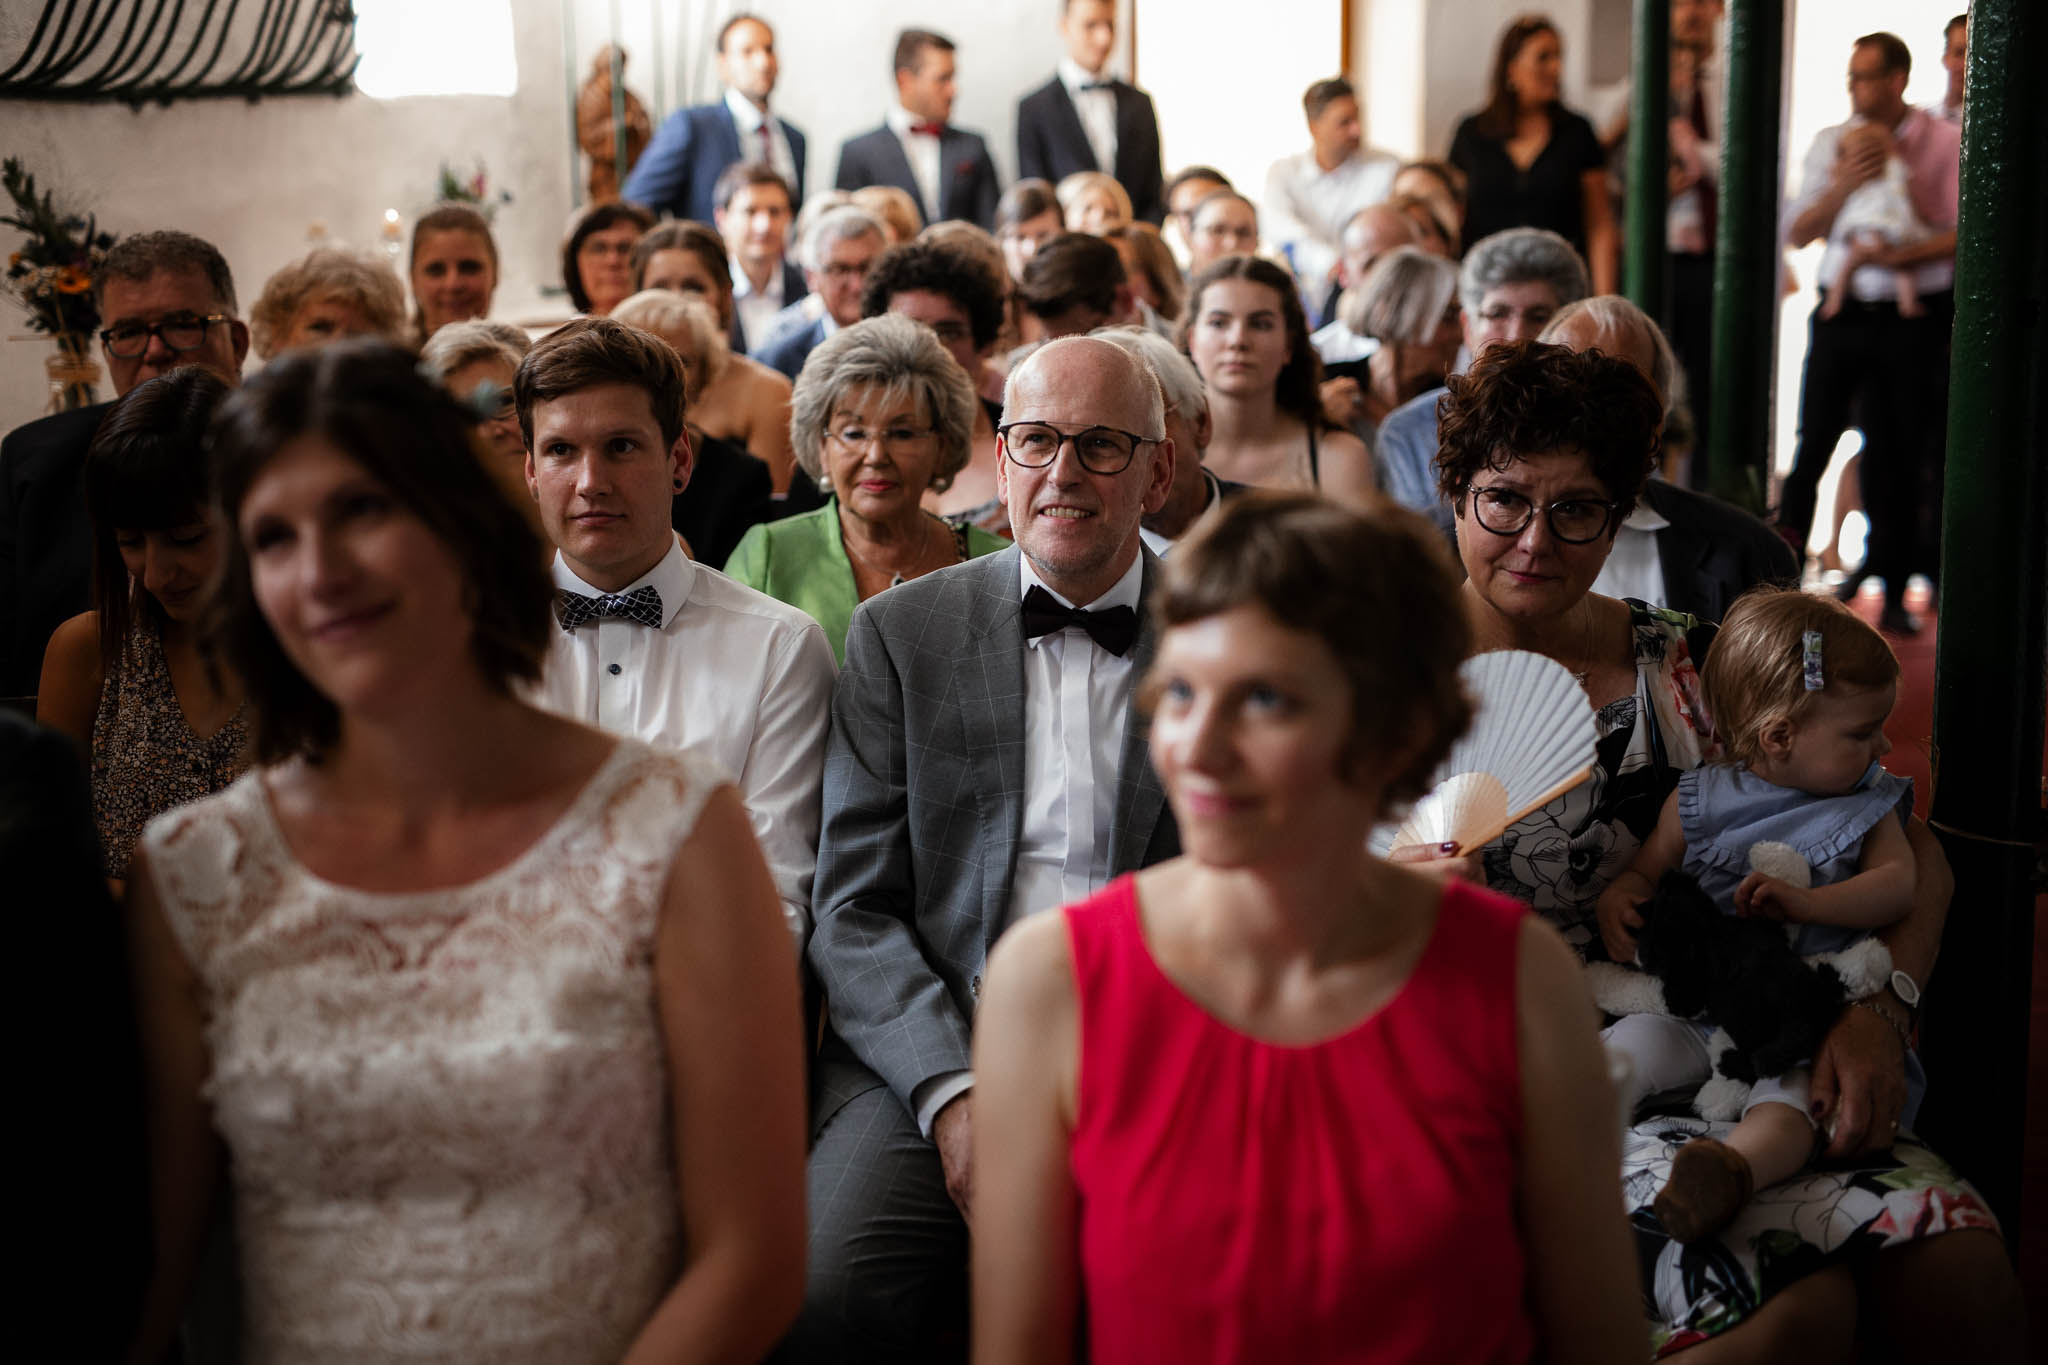 Hochzeitsfotograf Guntersblum, Domhof - Hochzeit von Ina & Johannes 15